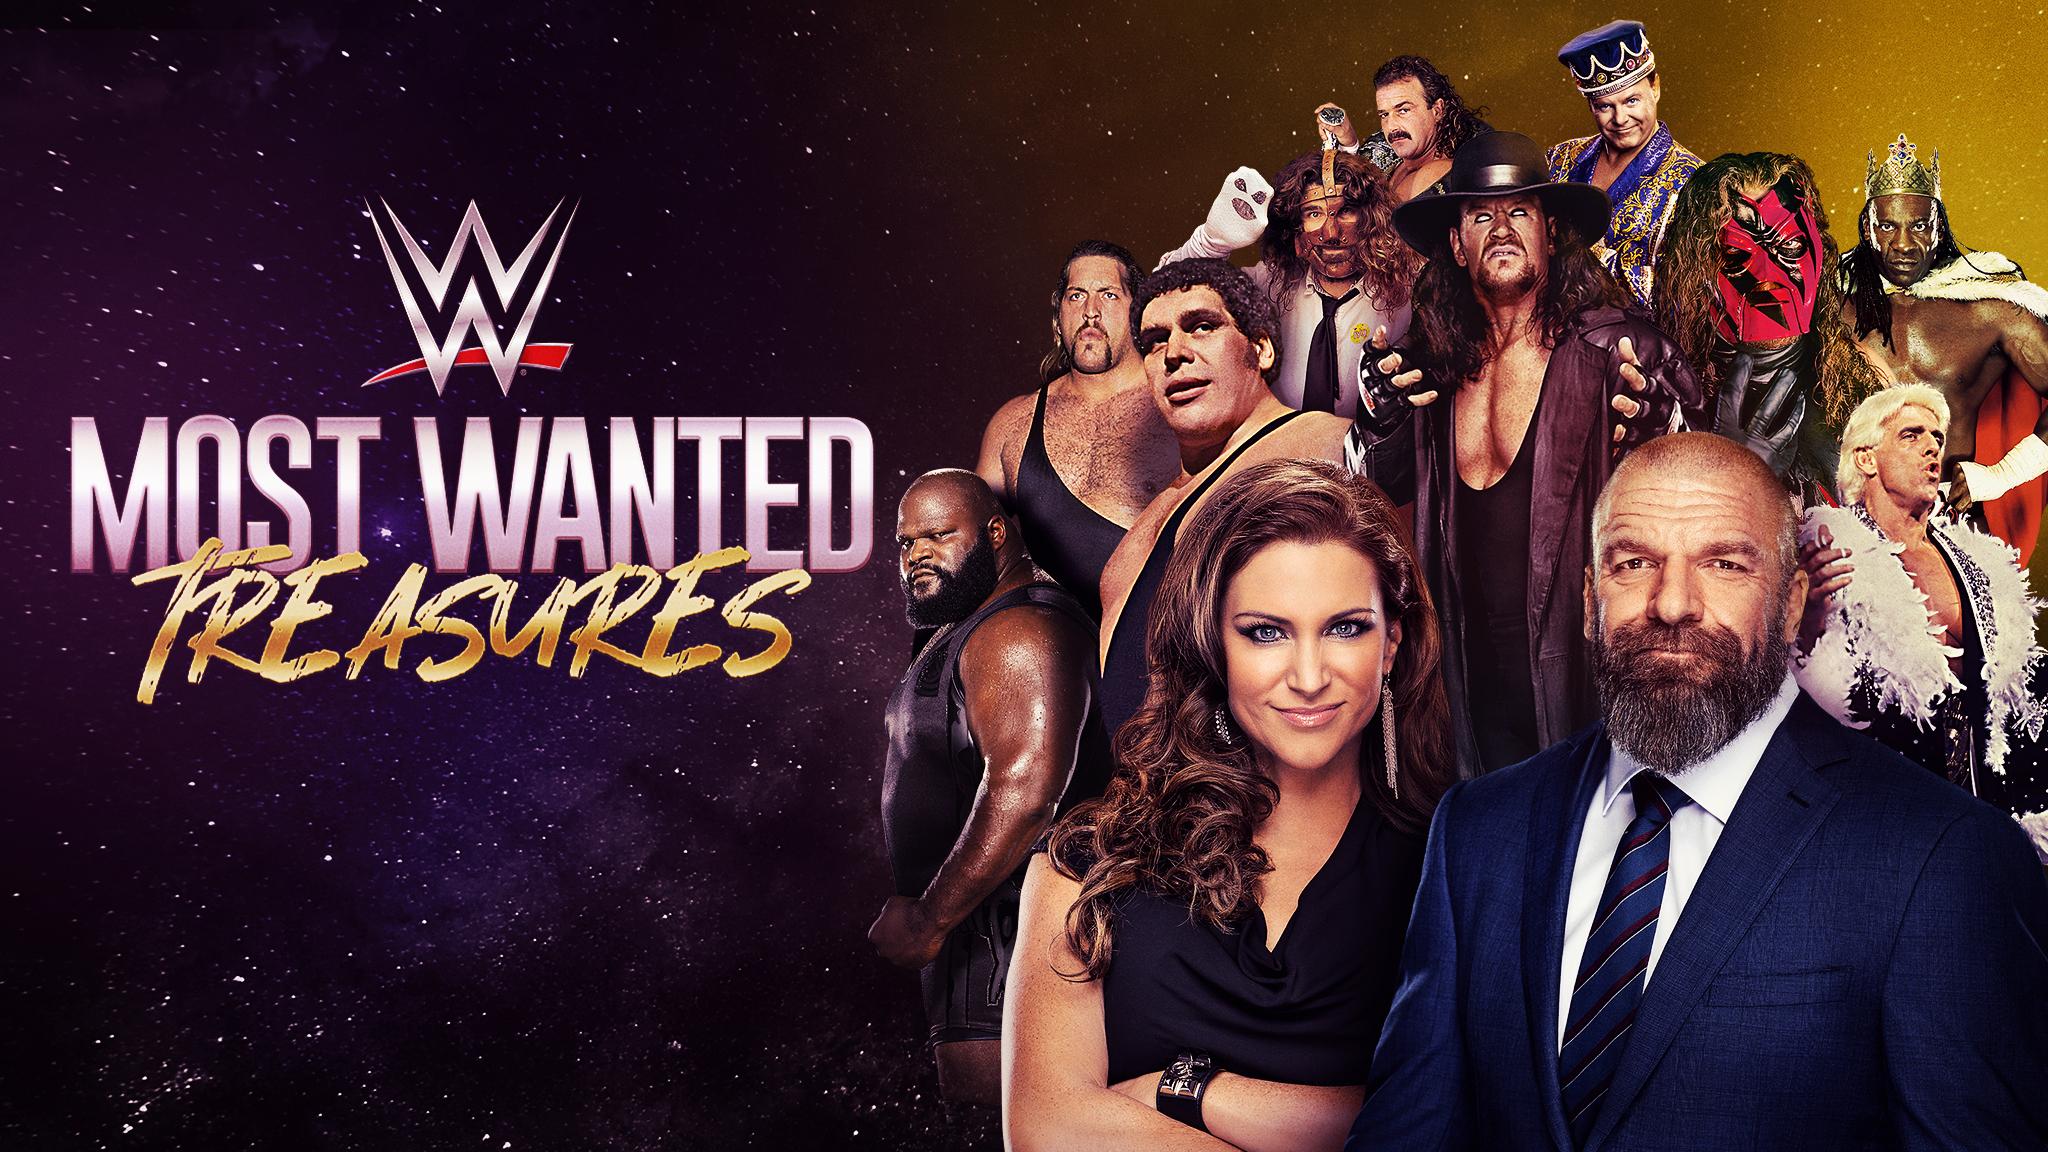 فول برنامه WWE گنجینه های تحت تعقیب | فصل اول قسمت اول - میک فولی